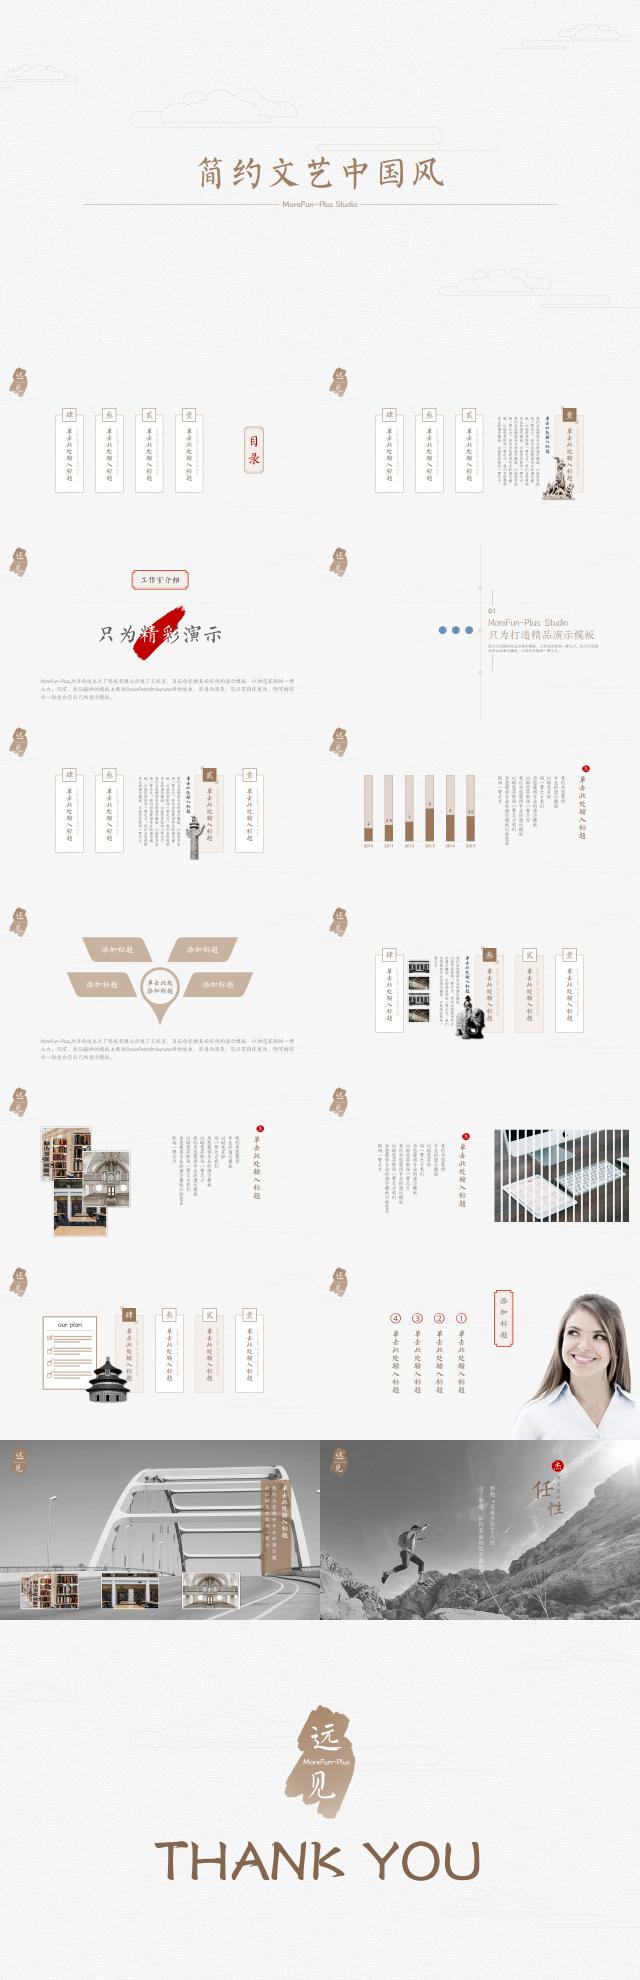 『PPT』简约素雅风格工作总结模板